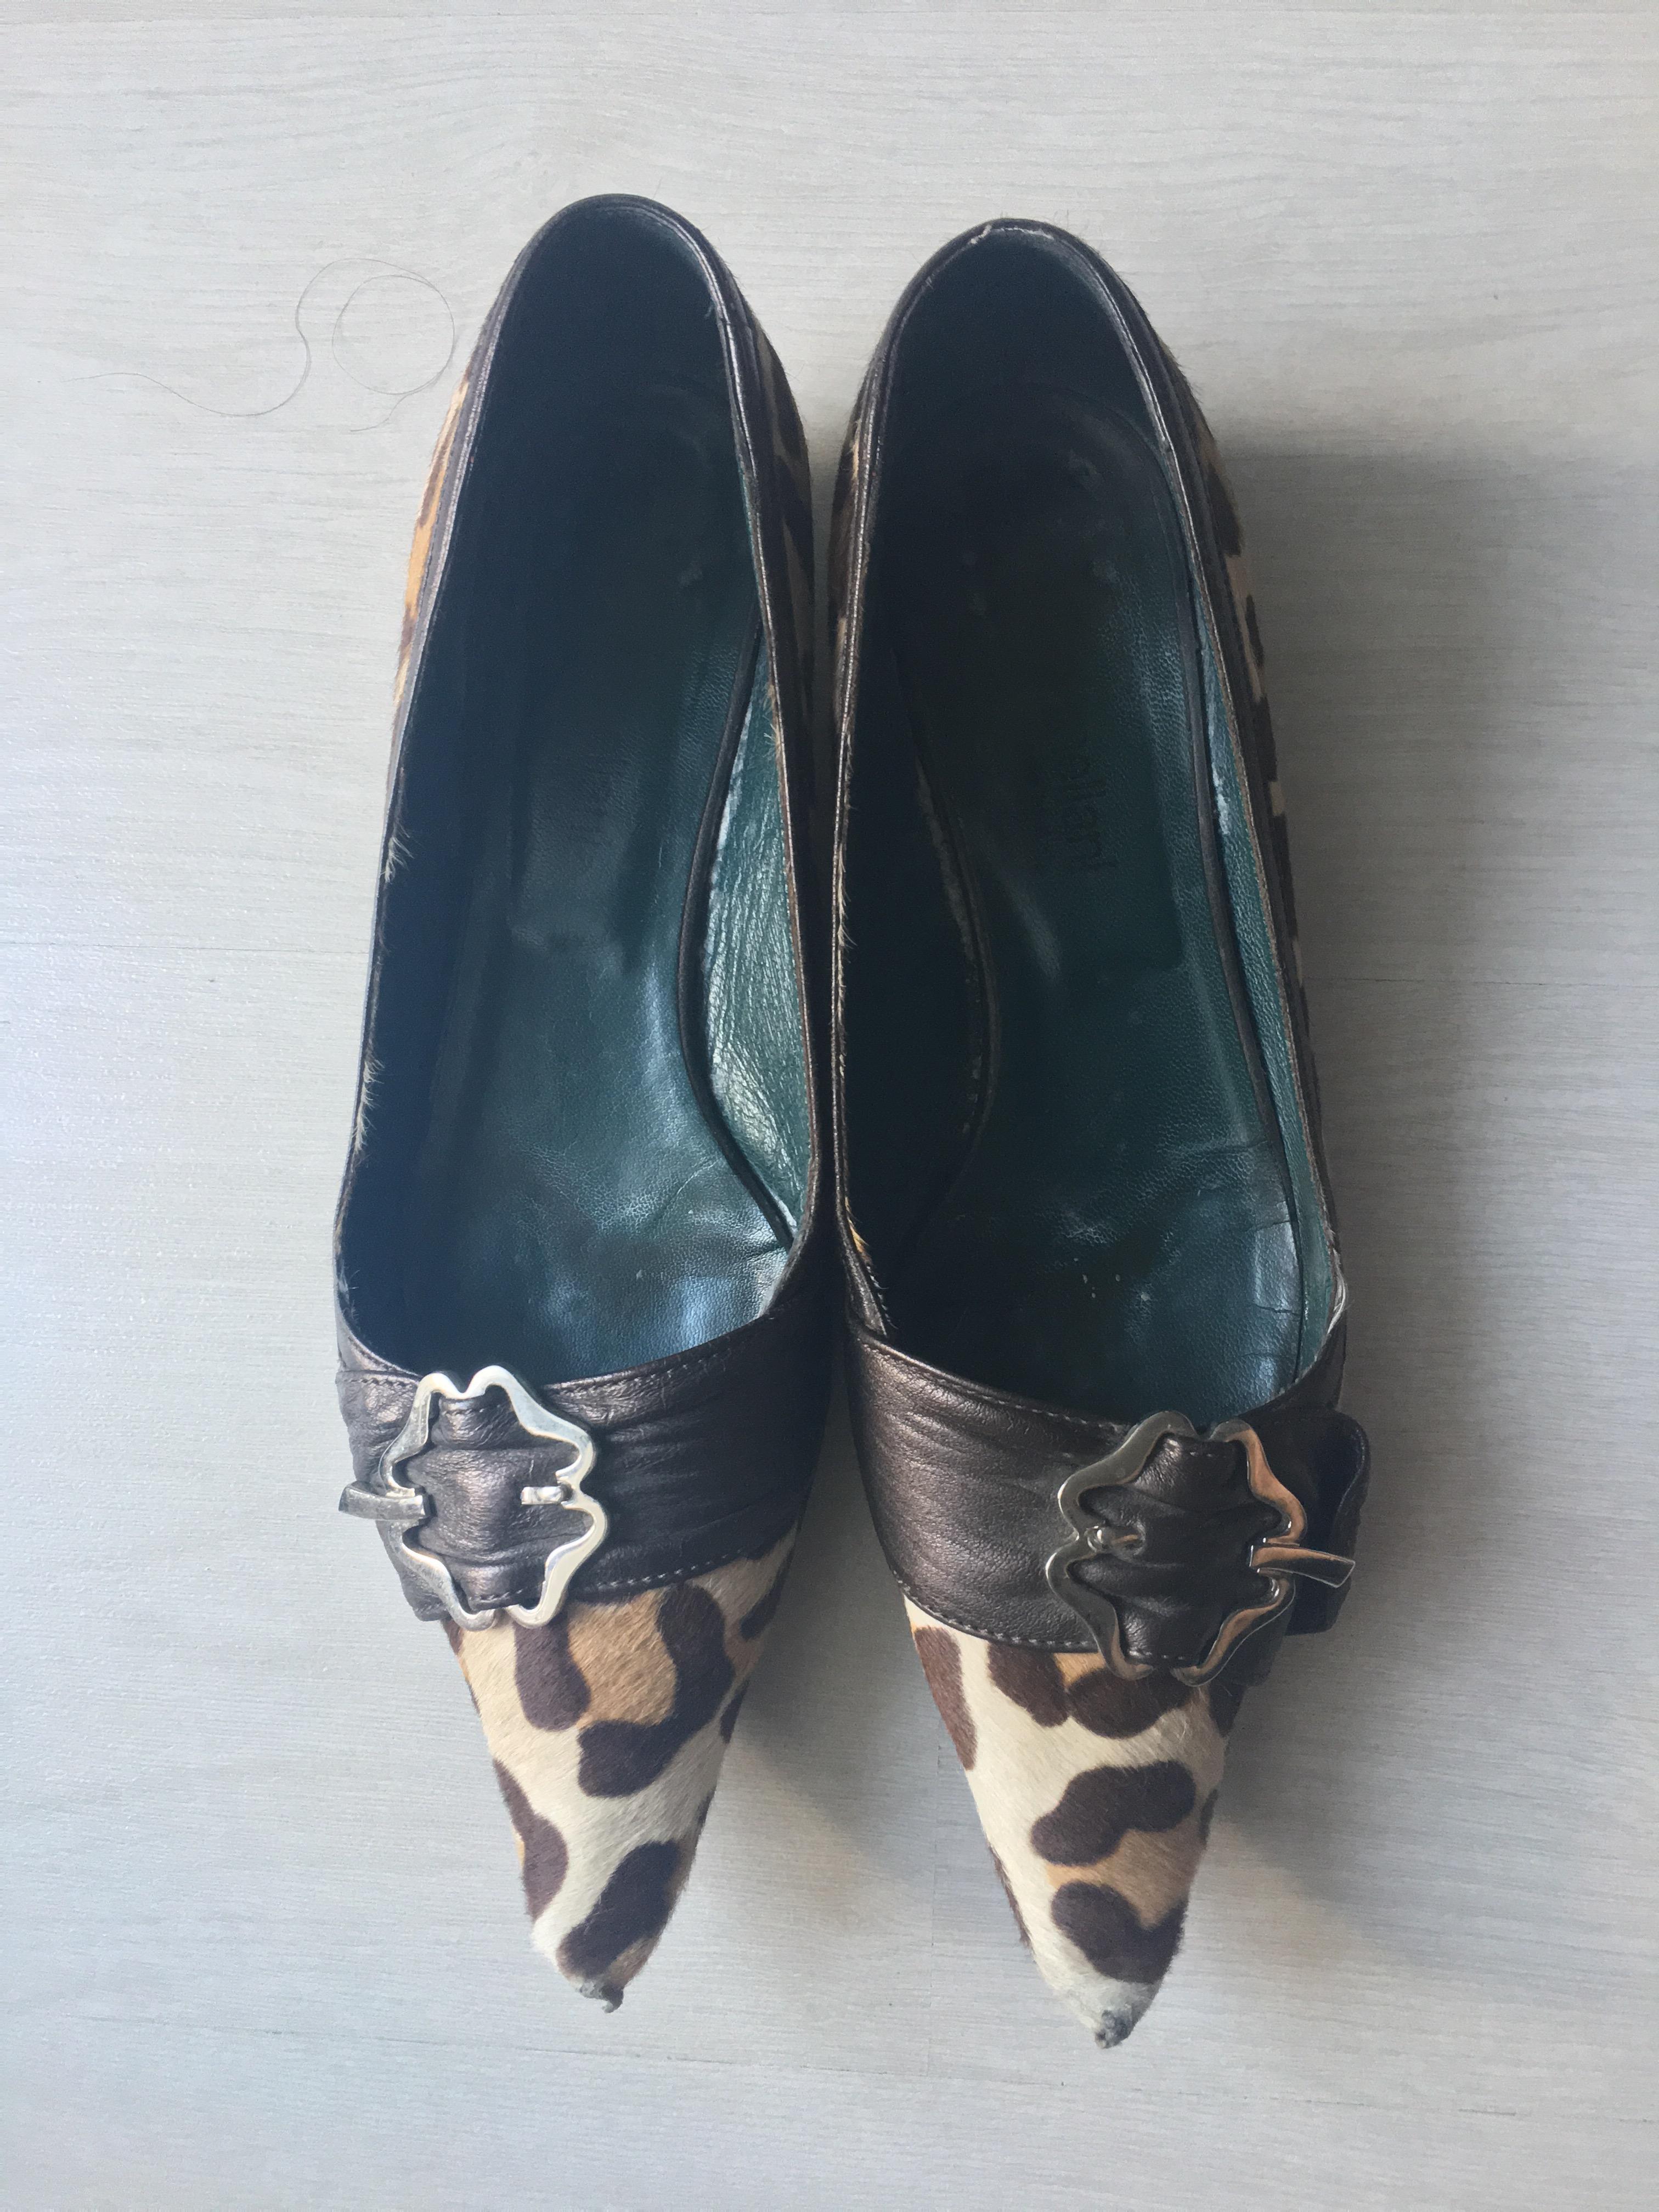 Ballerine, loafer e mocassini: come indossare le scarpe